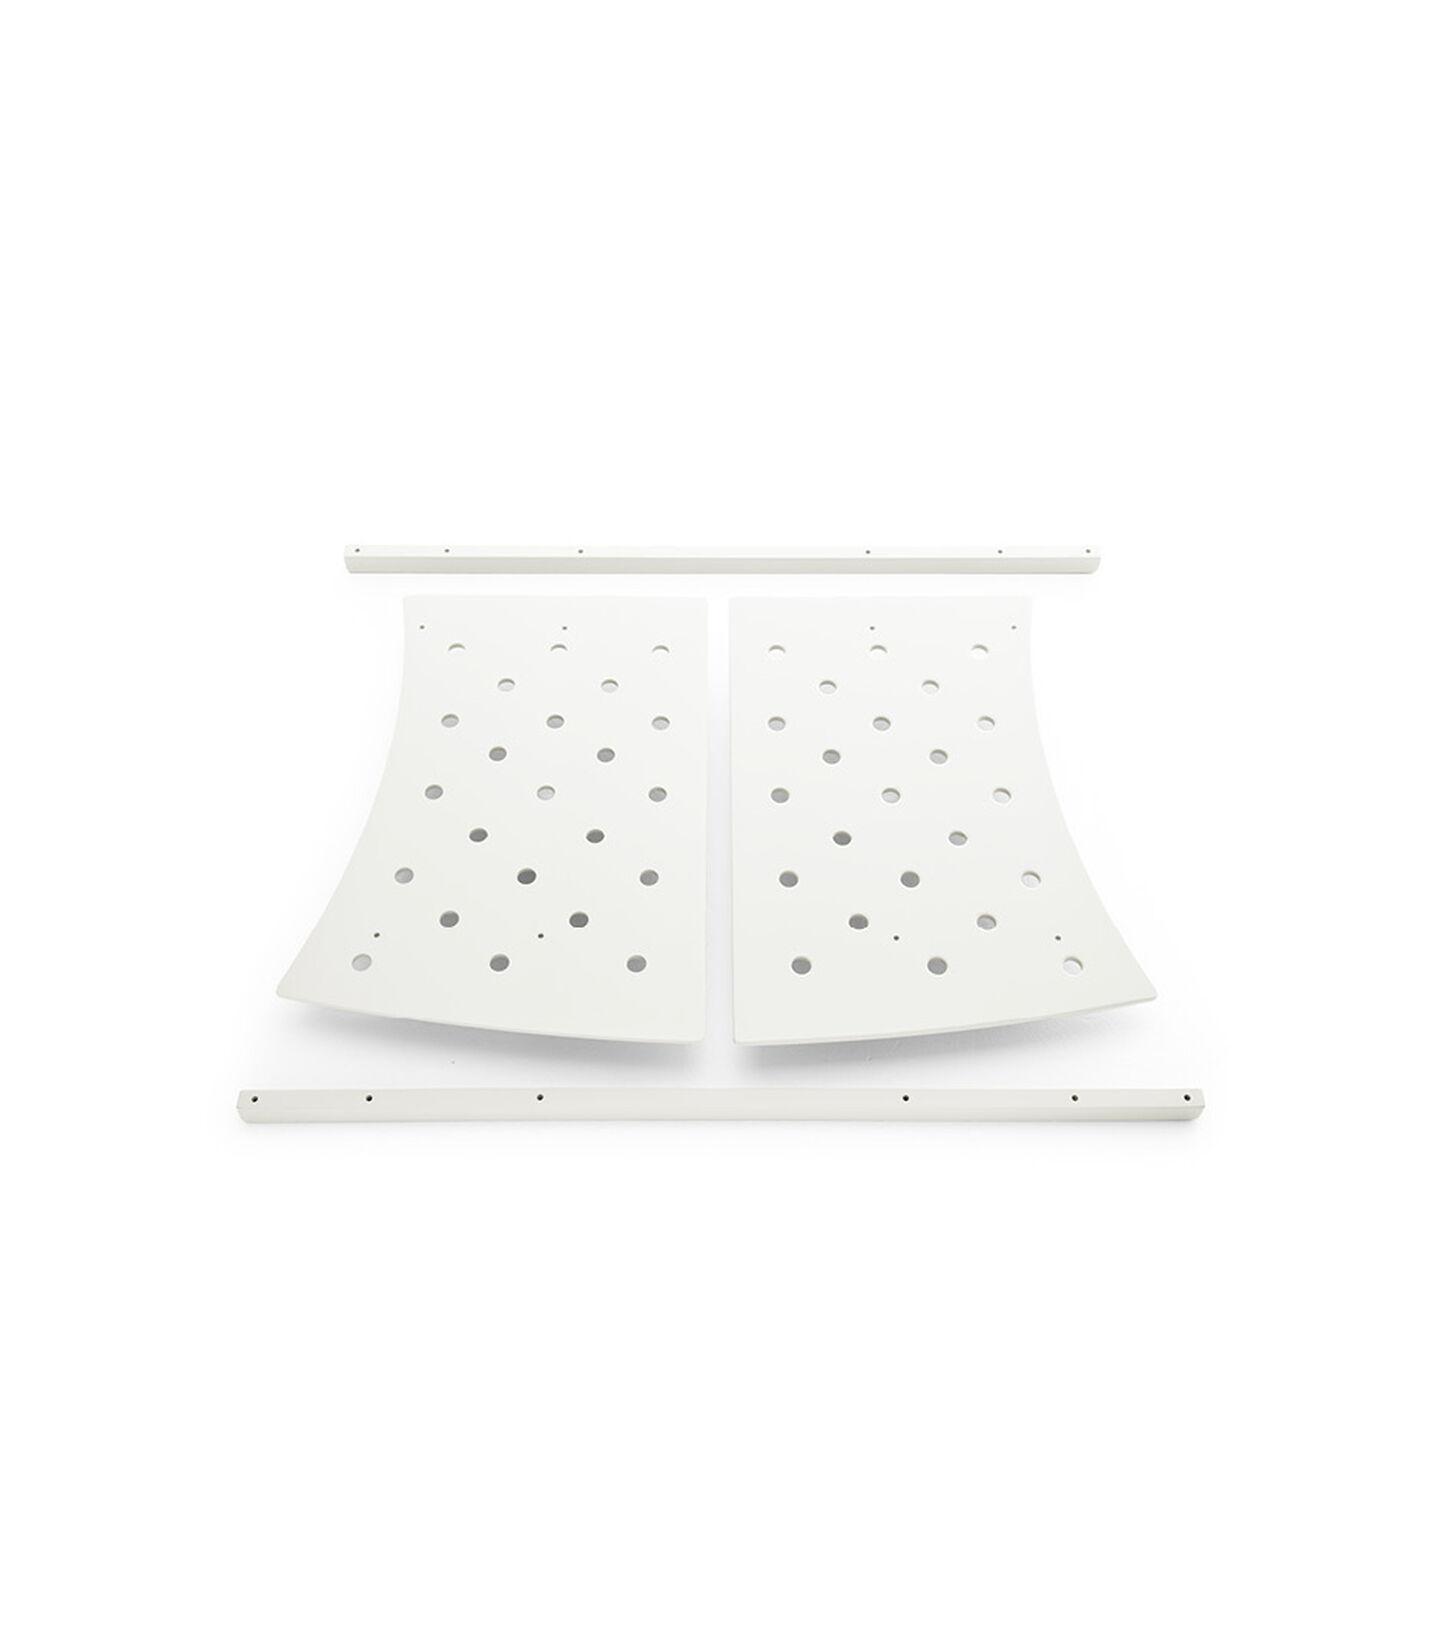 Stokke® Sleepi™ Junior Extension White, White, mainview view 1